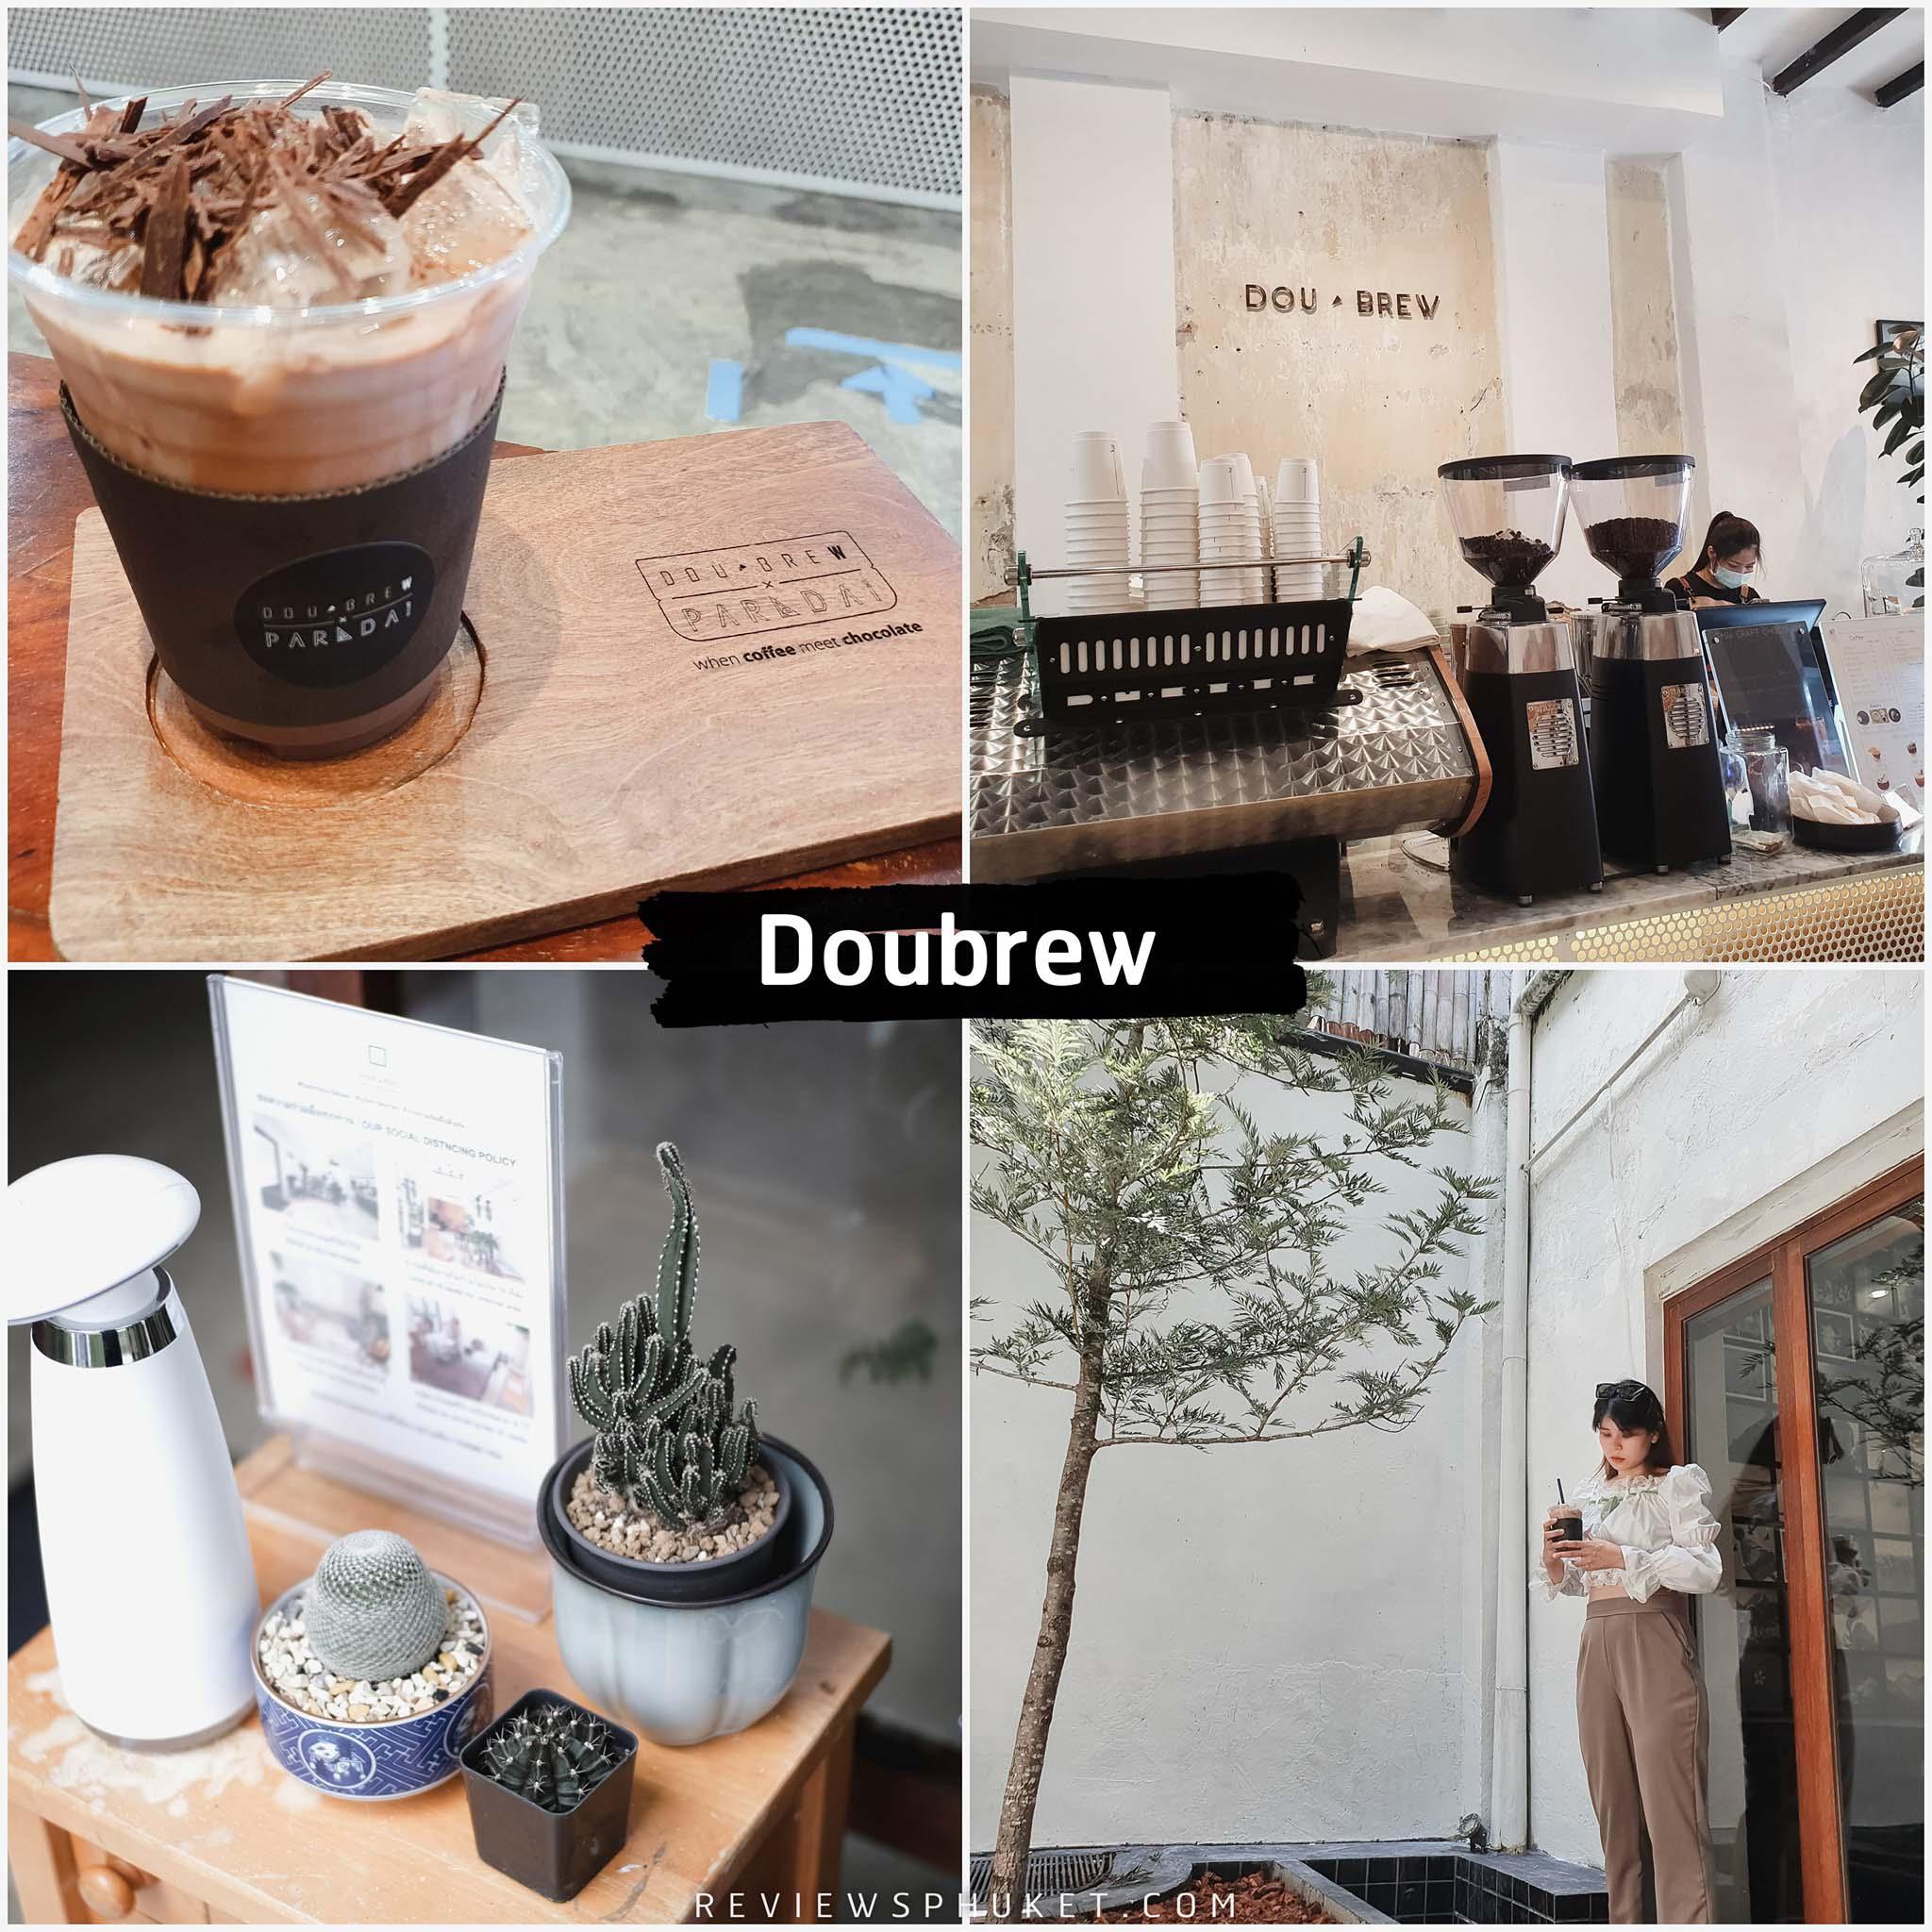 จุดเช็คอินเด็ดๆ dou brew coffee & craft ภูเก็ต คาเฟ่สวยเก๋ ตกแต่งสไตล์มินิมอลสีเขียวบรรยากาศร้านน่านั่งมวากกกก